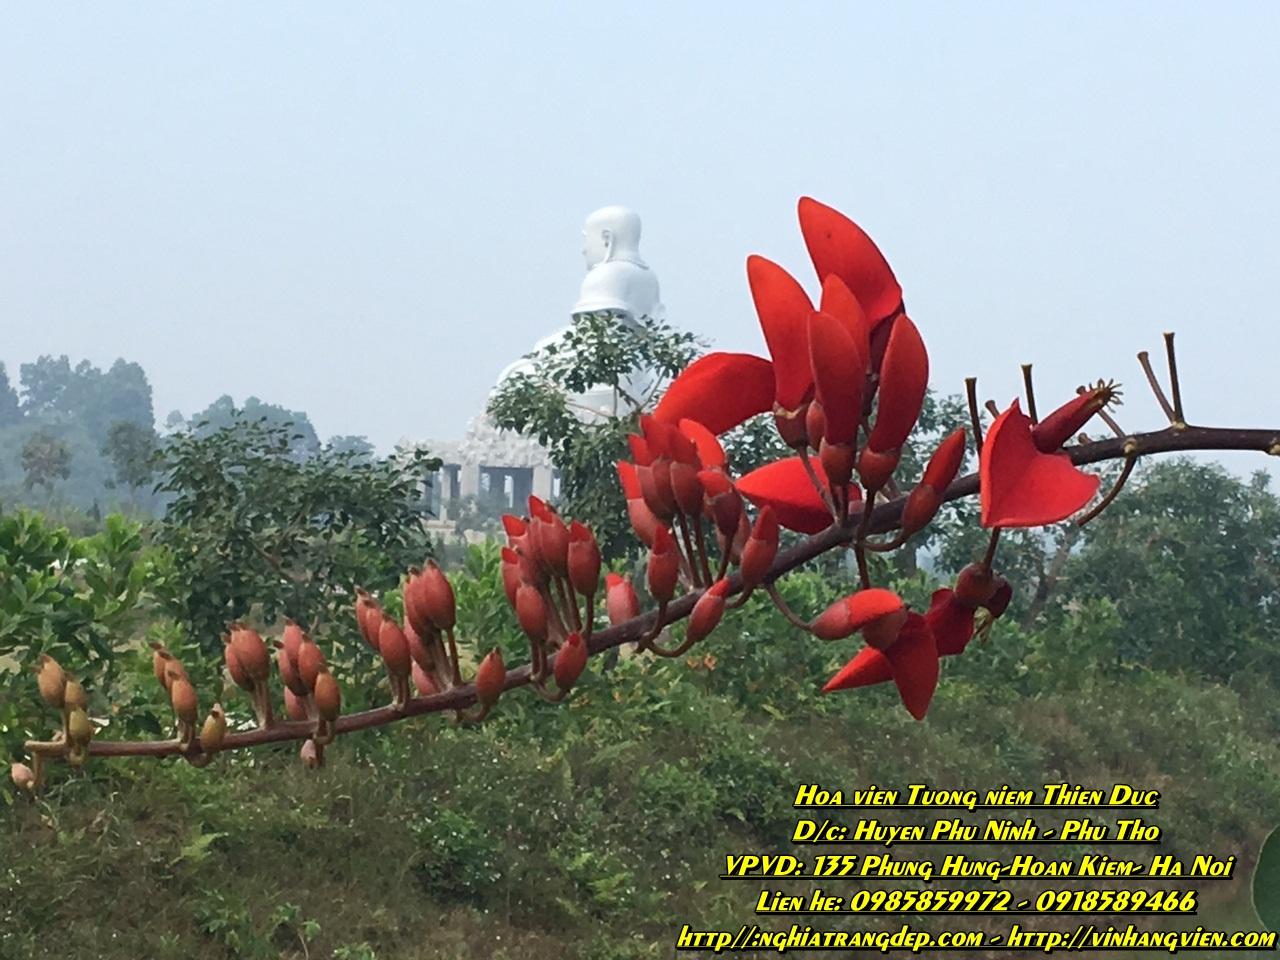 Công viên nghĩa trang Thiên Đức Siêu Nghĩa Trang Sinh Thái Cong-vien-thien-duc-nghia-trang-hien-dai-mien-bac